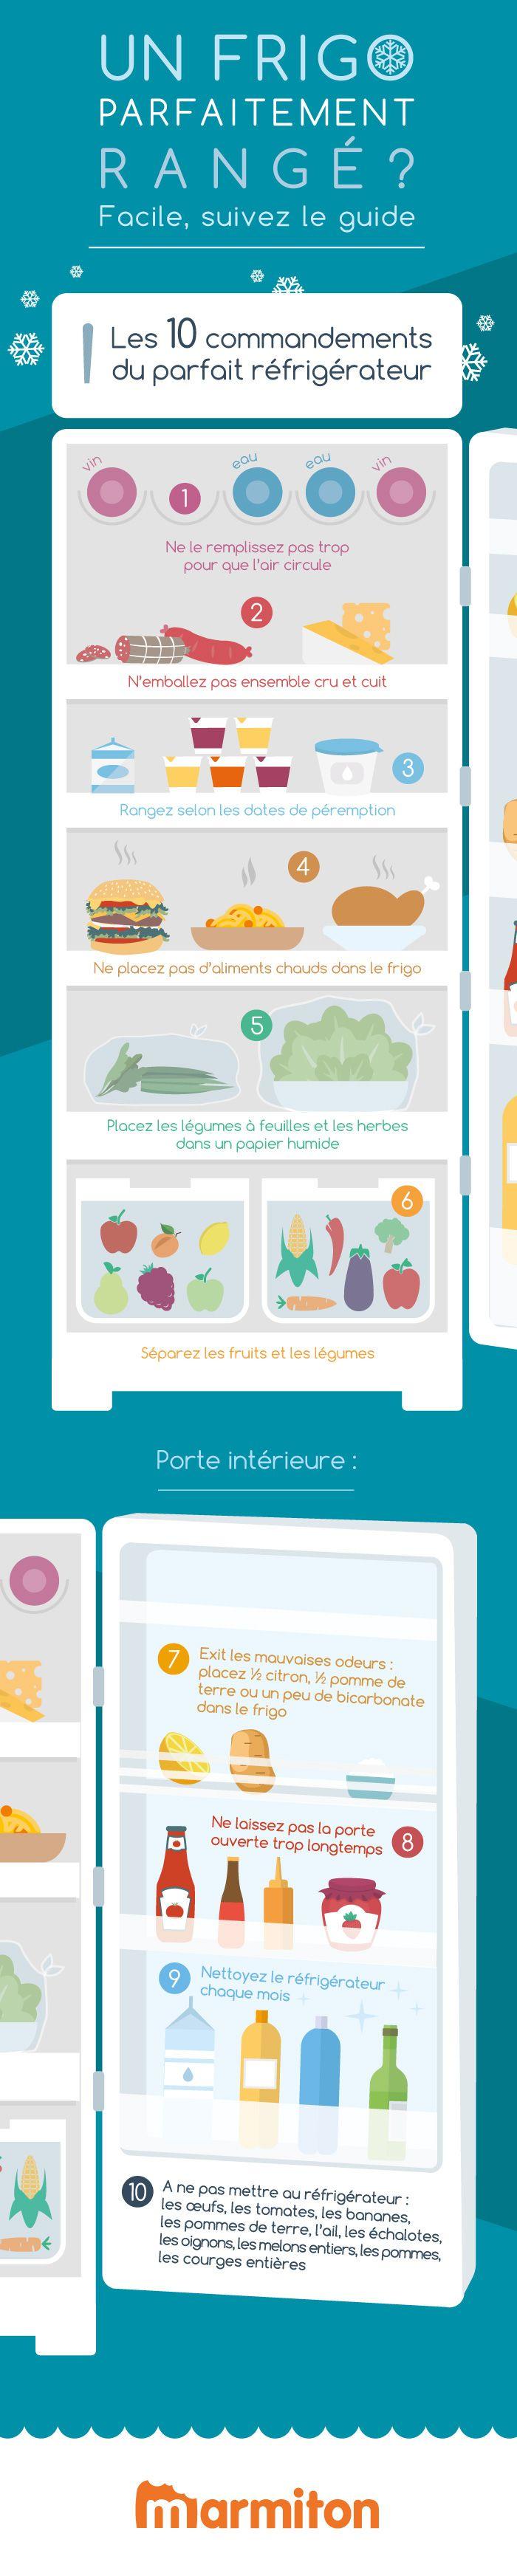 Infographie bien ranger son frigo, astuces pour ranger son frigo